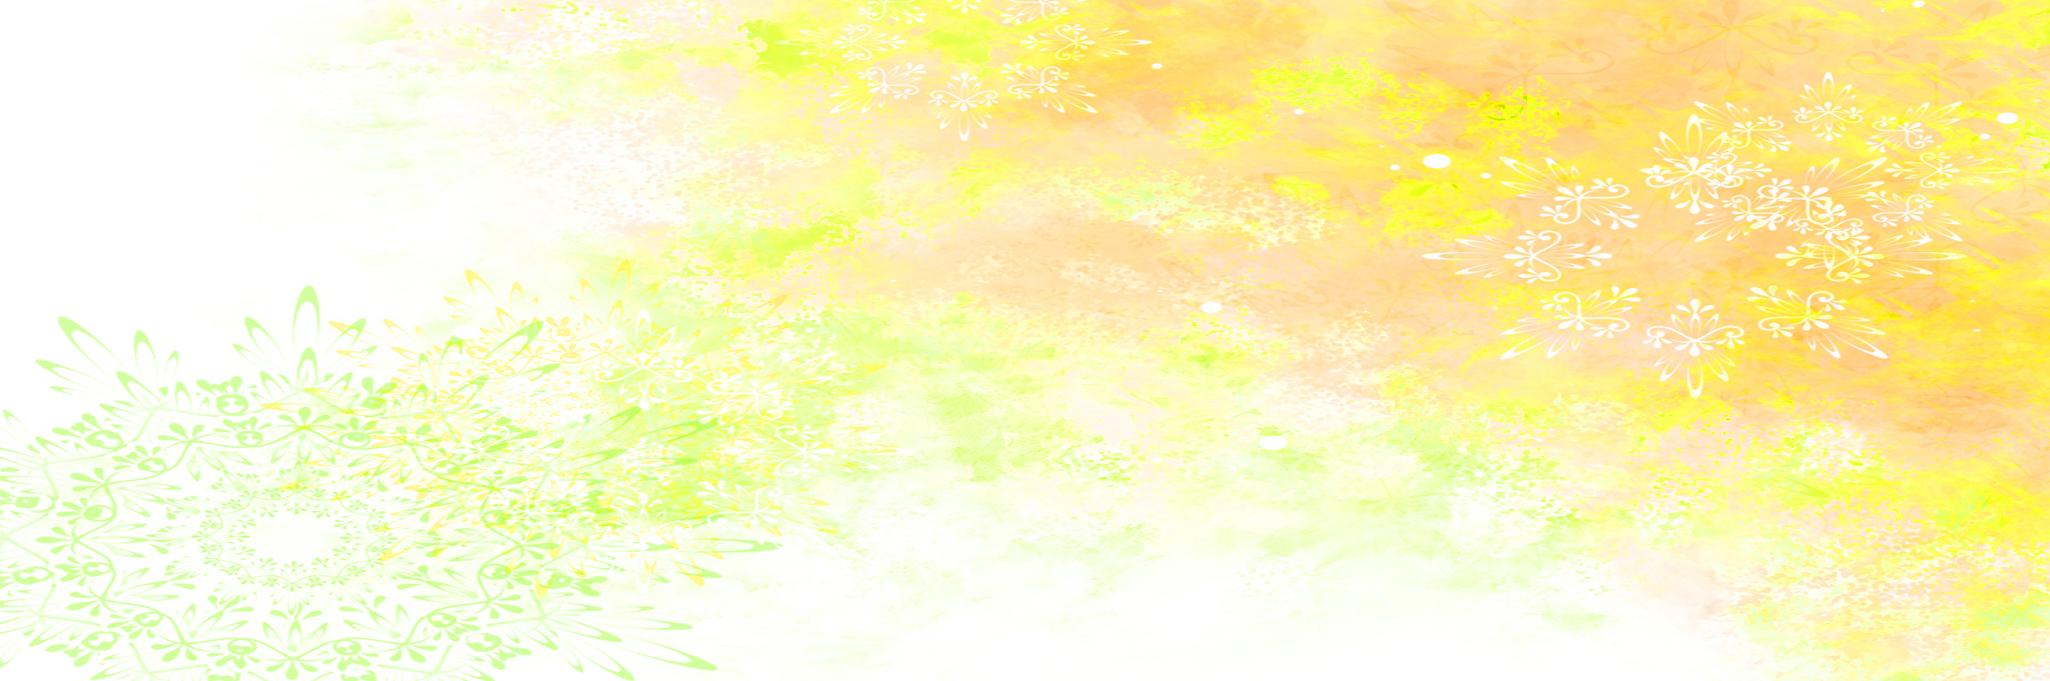 yuuki828